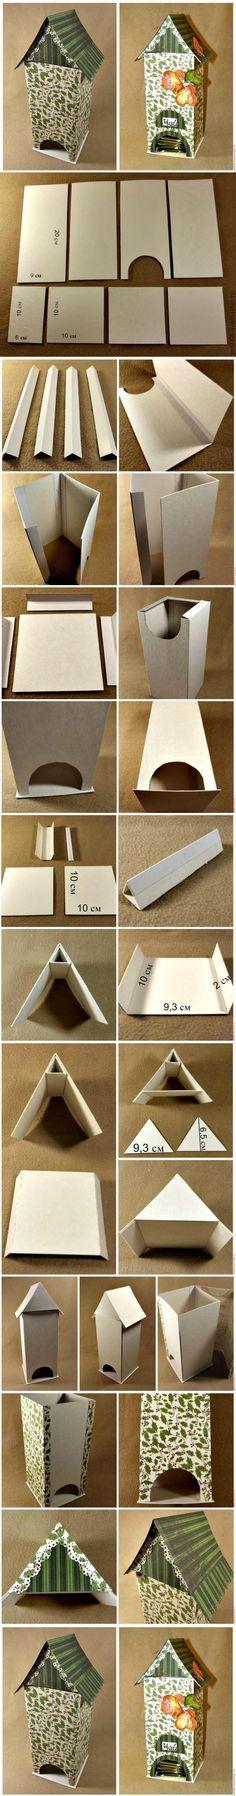 Dispensador de bolsas de té en cartón   -   DIY Cardboard Tea Bag Dispenser